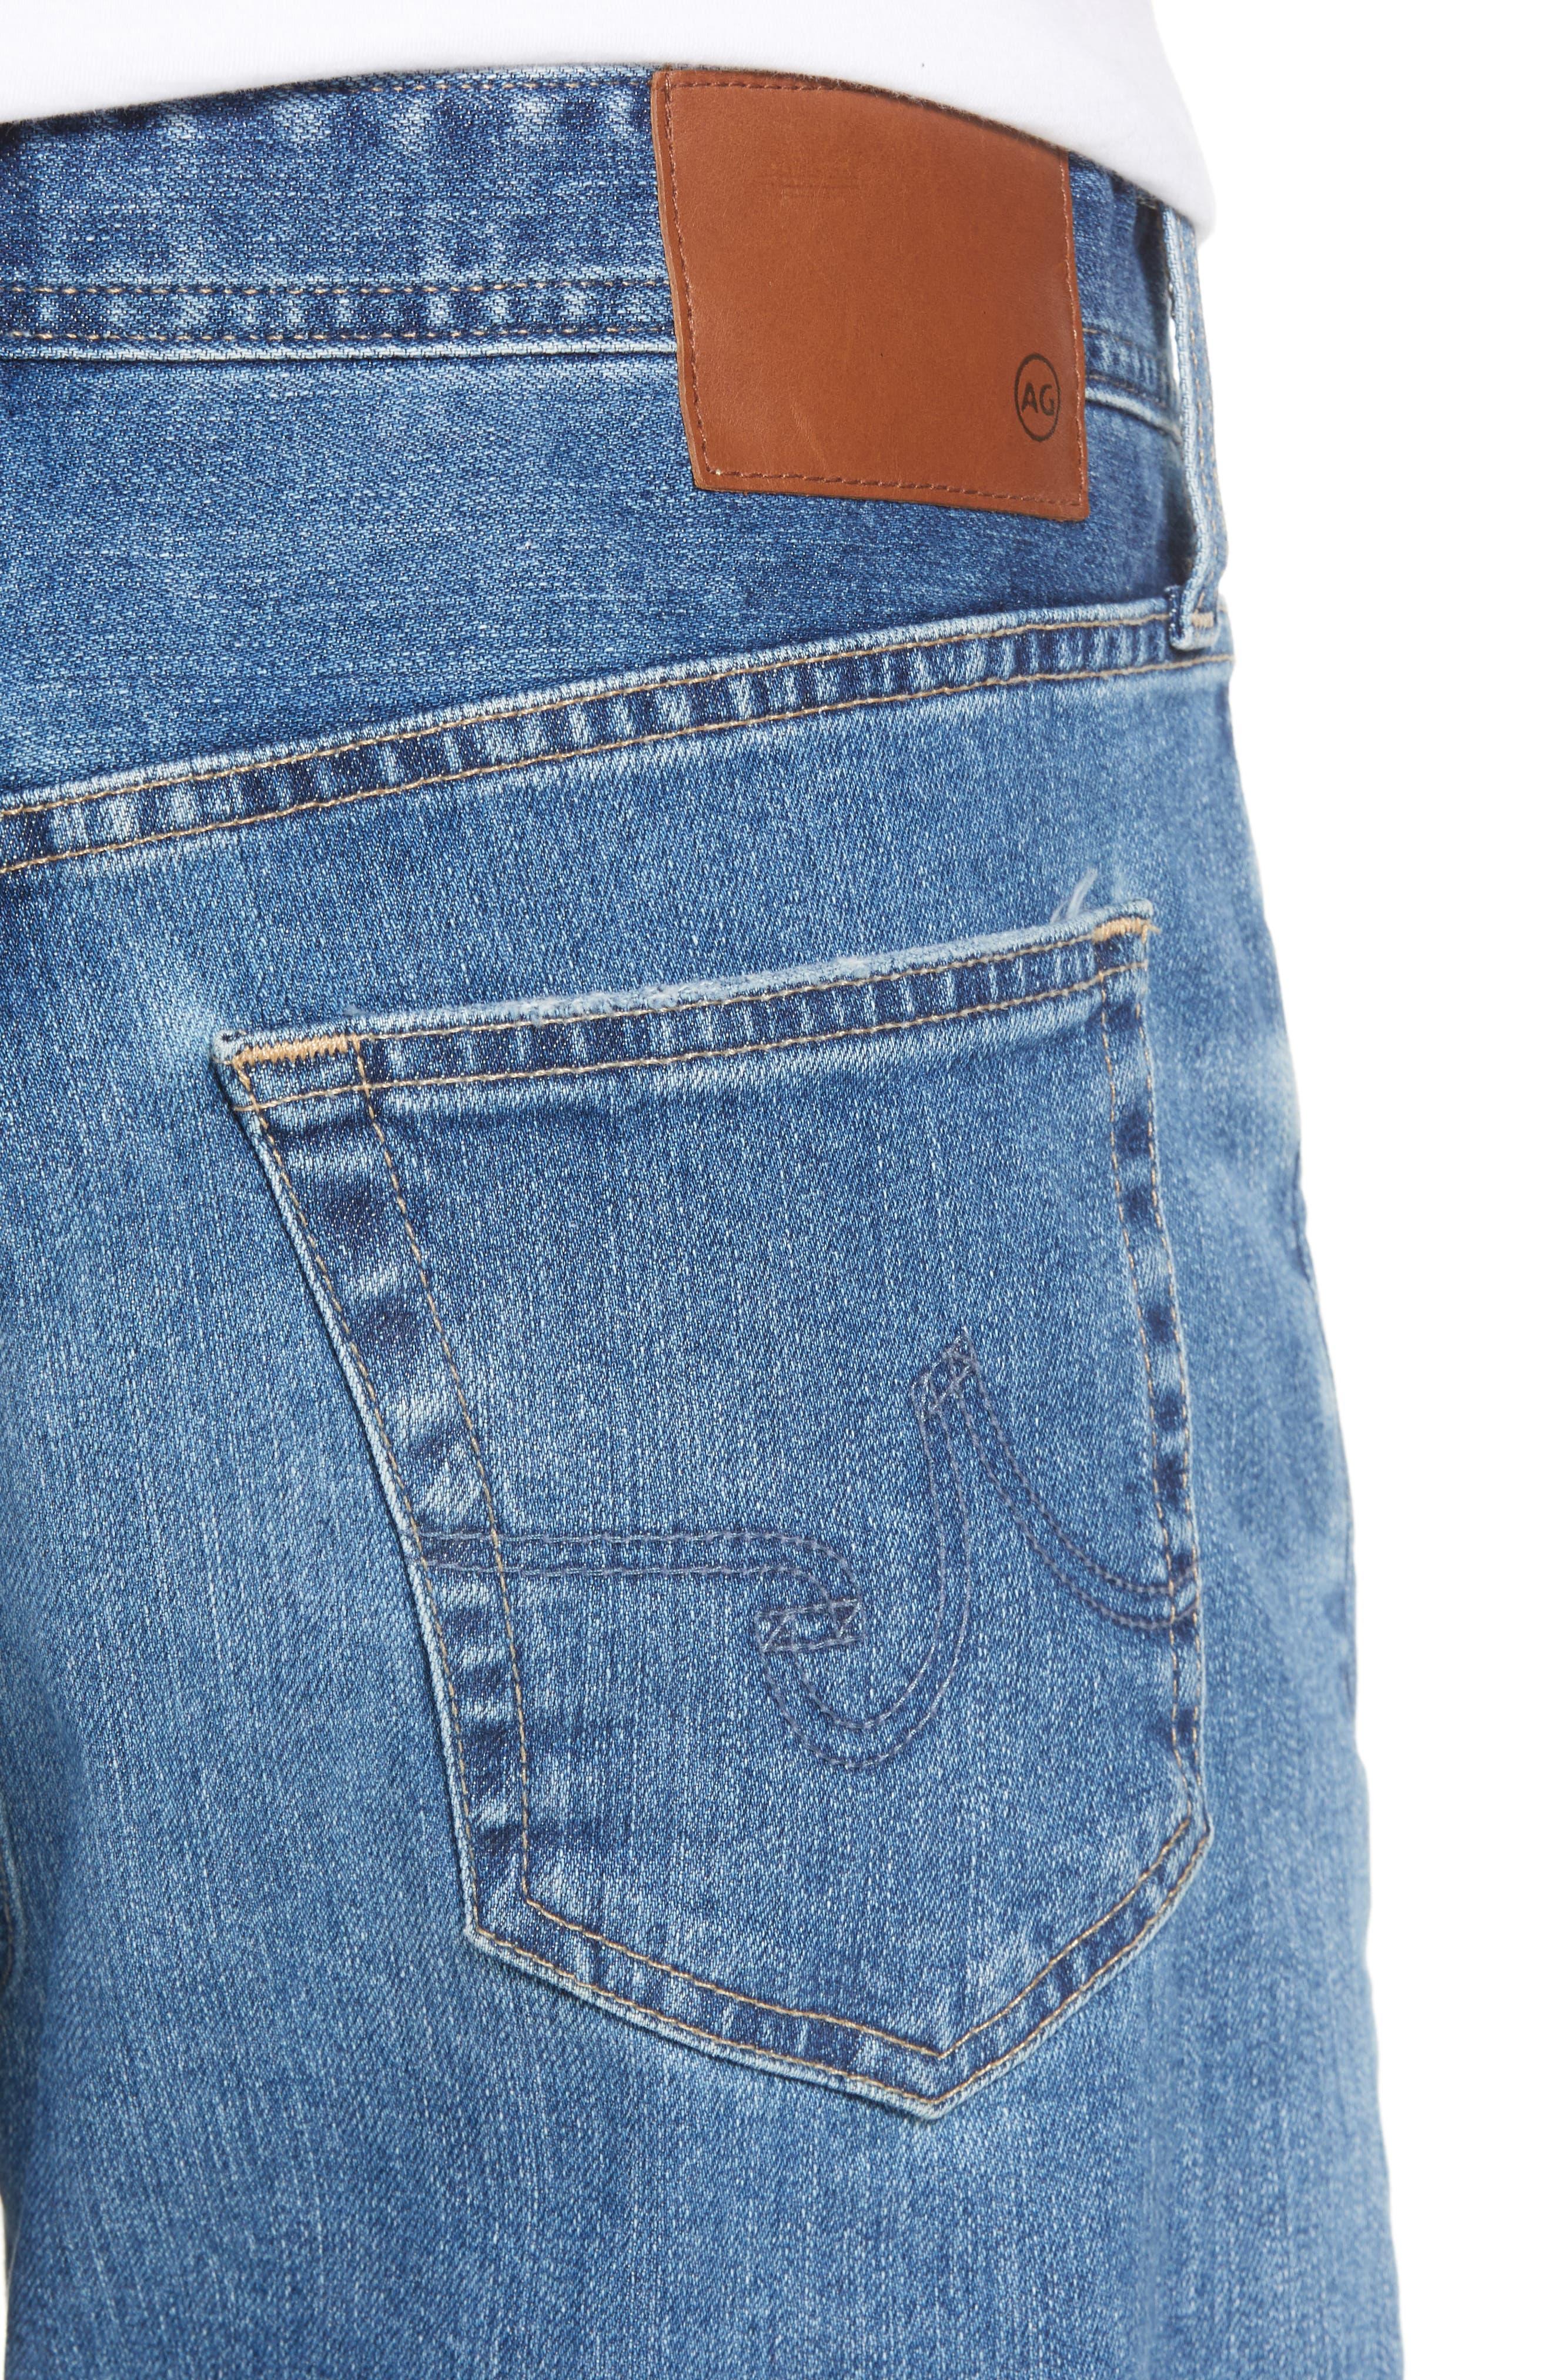 Everett Slim Straight Leg Jeans,                             Alternate thumbnail 4, color,                             15 Years Open Road